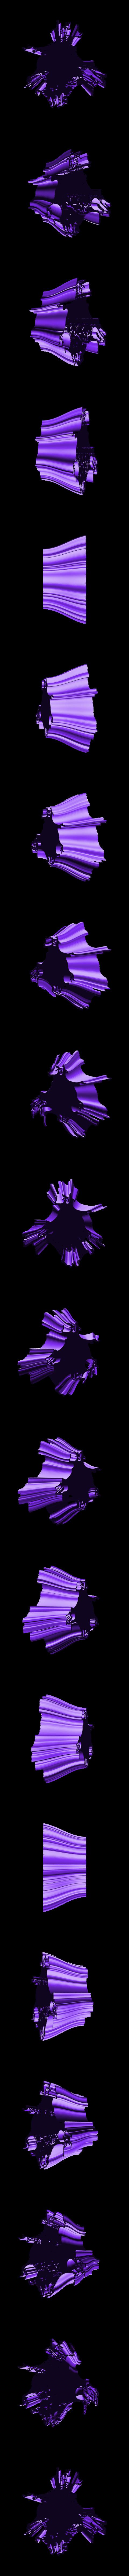 penholder-5.stl Download free STL file Wavy Penholders Collection (15 files) • 3D print design, ferjerez3d